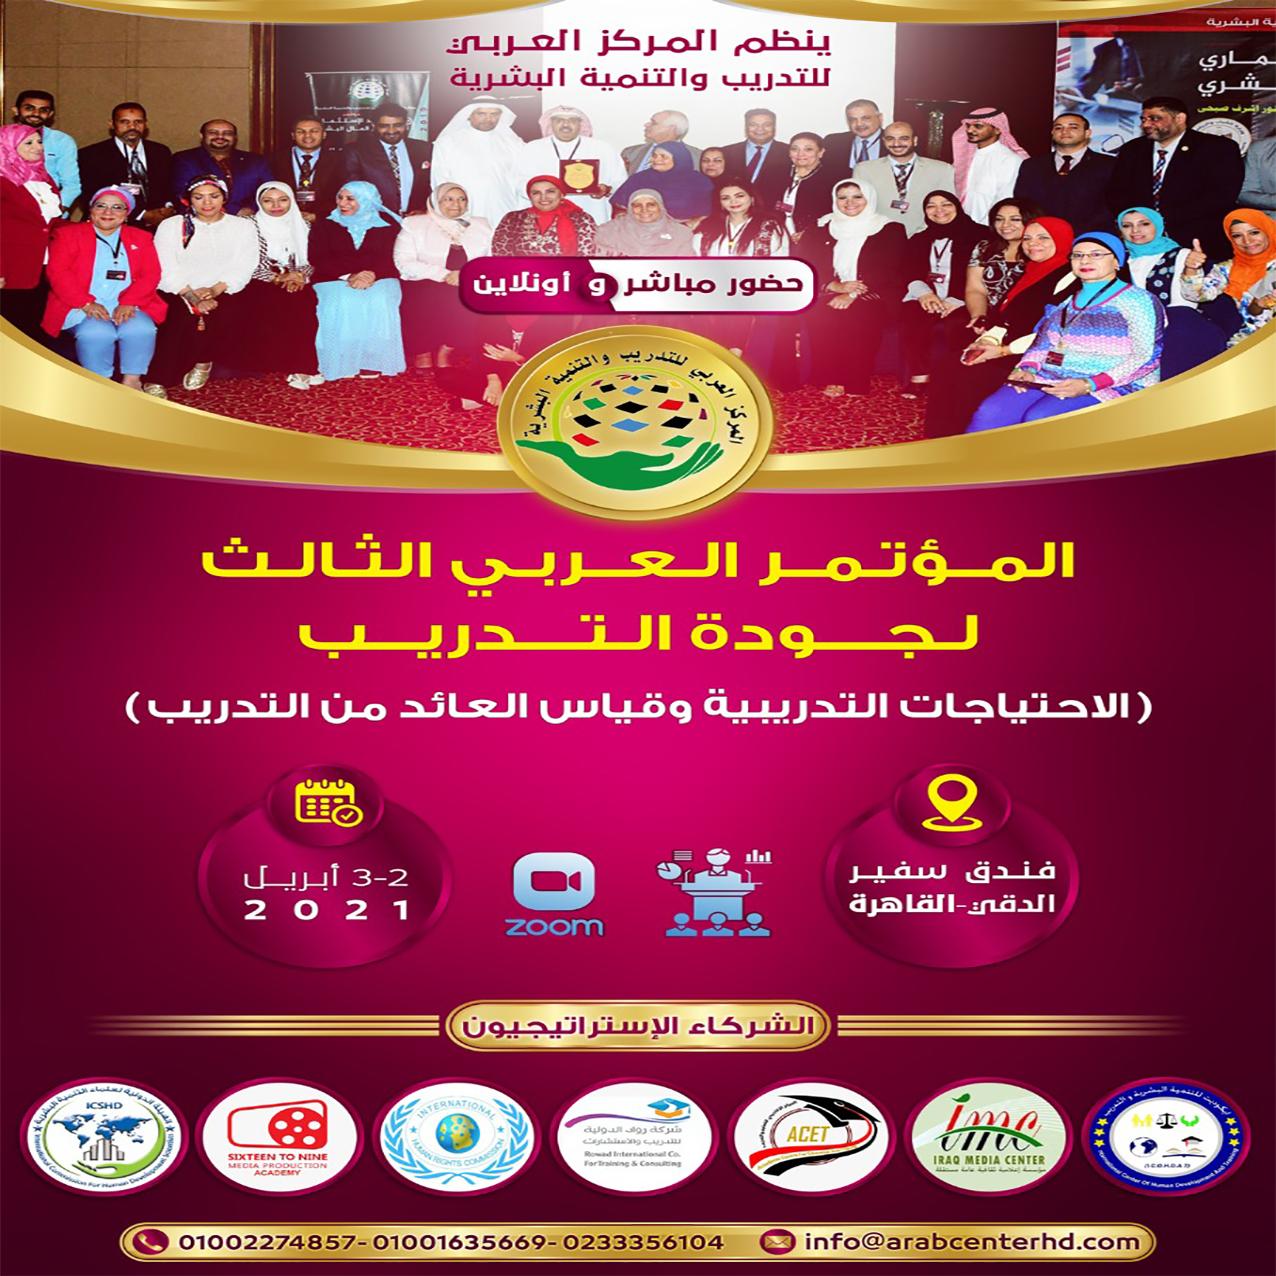 المؤتمر العربي الثالث لجودة التدريب ( الاحتياجات التدريبية وقياس العائد من التدريب )